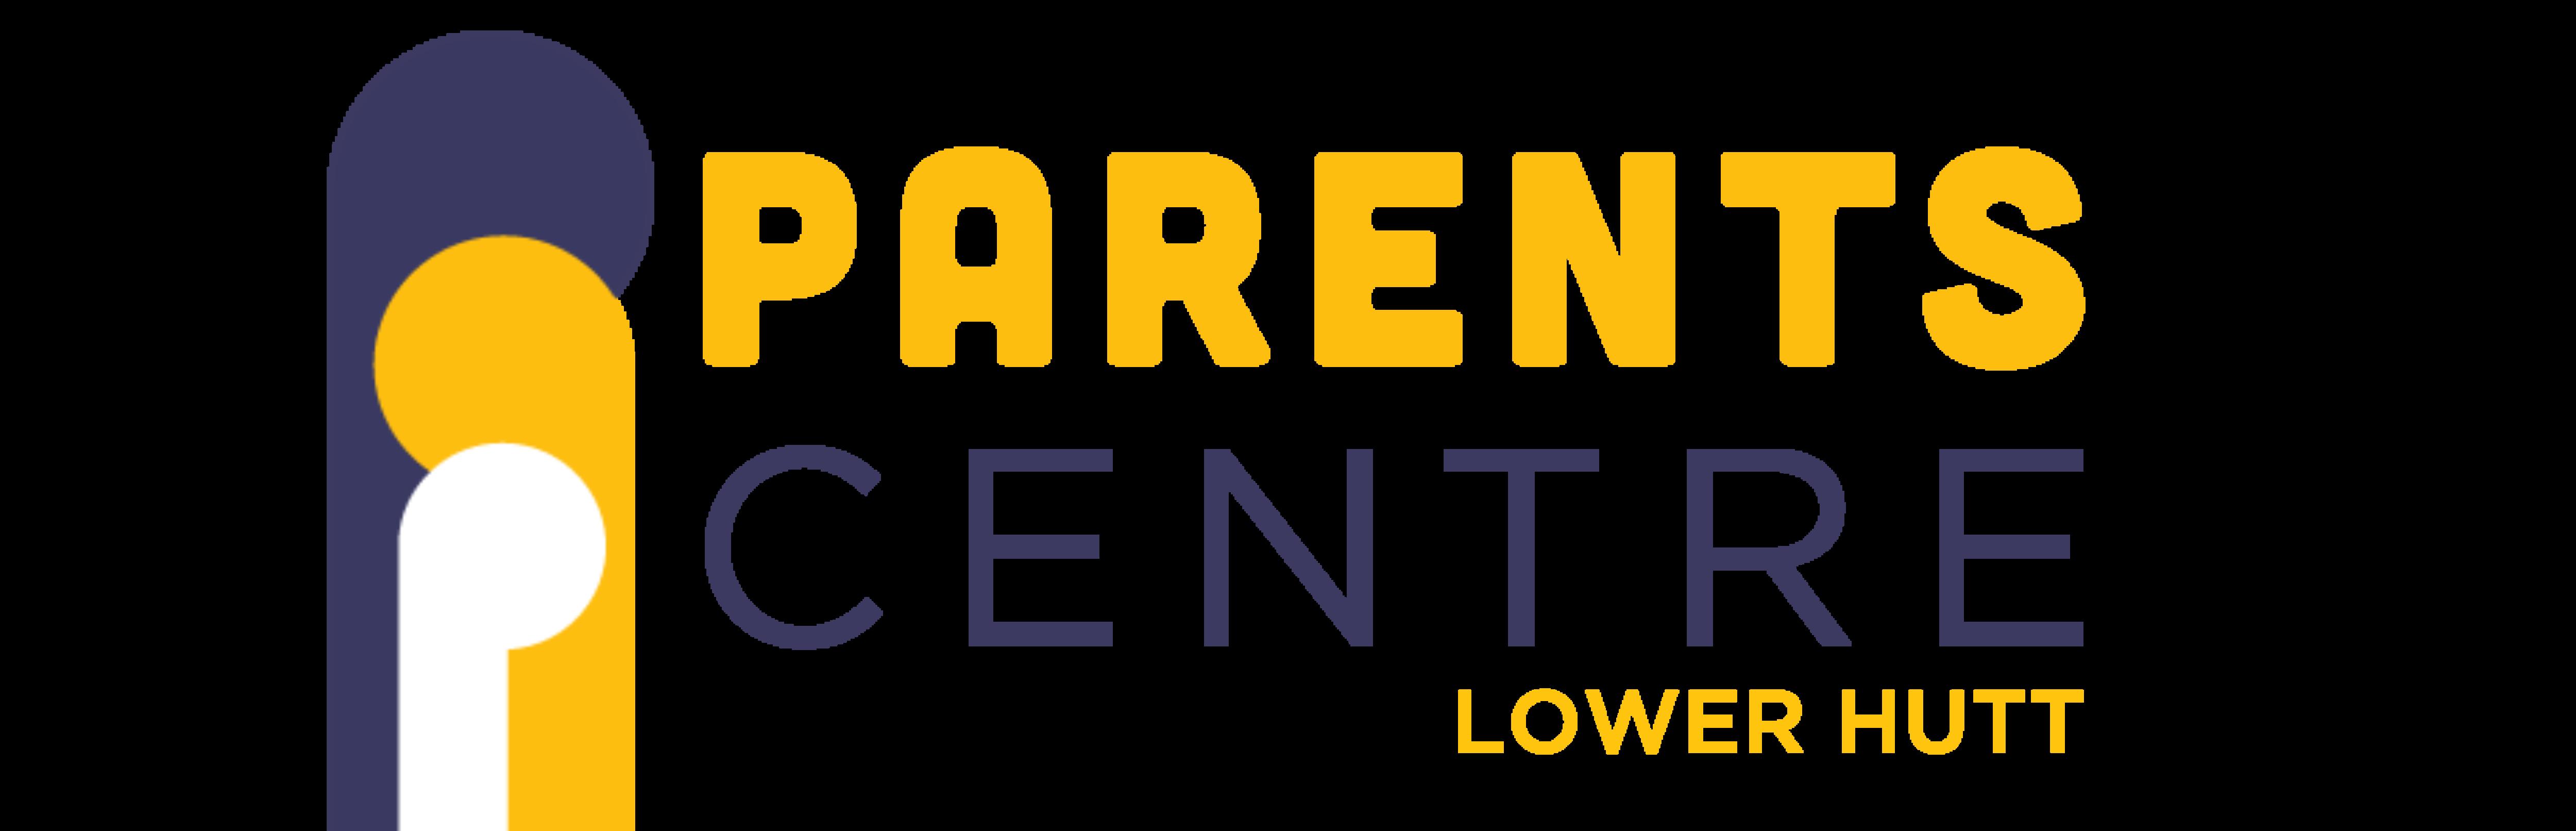 Lower Hutt Parents Centre